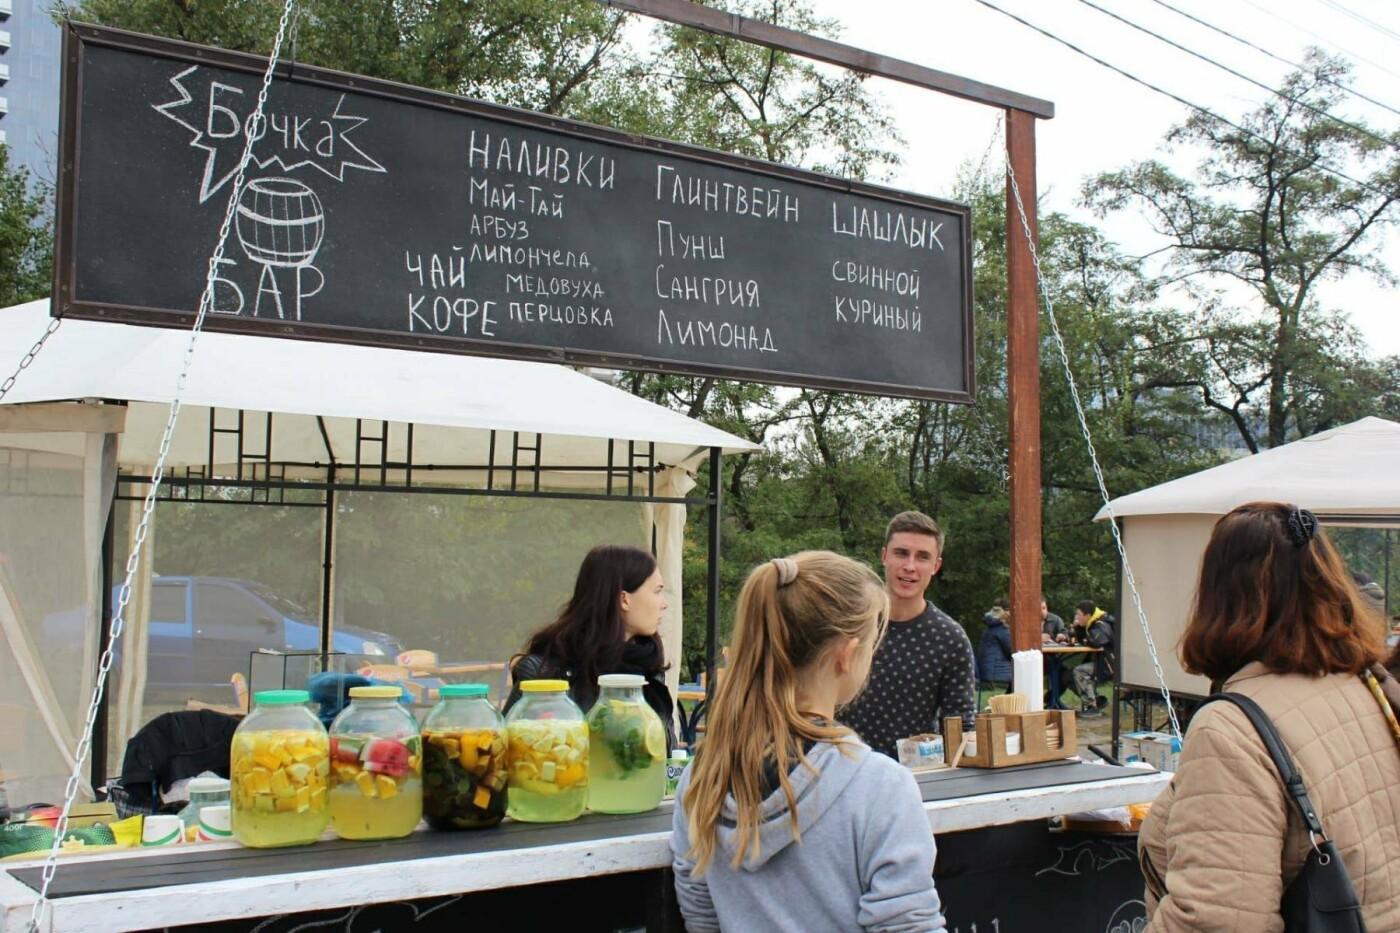 На Покровской ярмарке, несмотря на запрет, с самого утра продают алкоголь, - ФОТО, фото-5